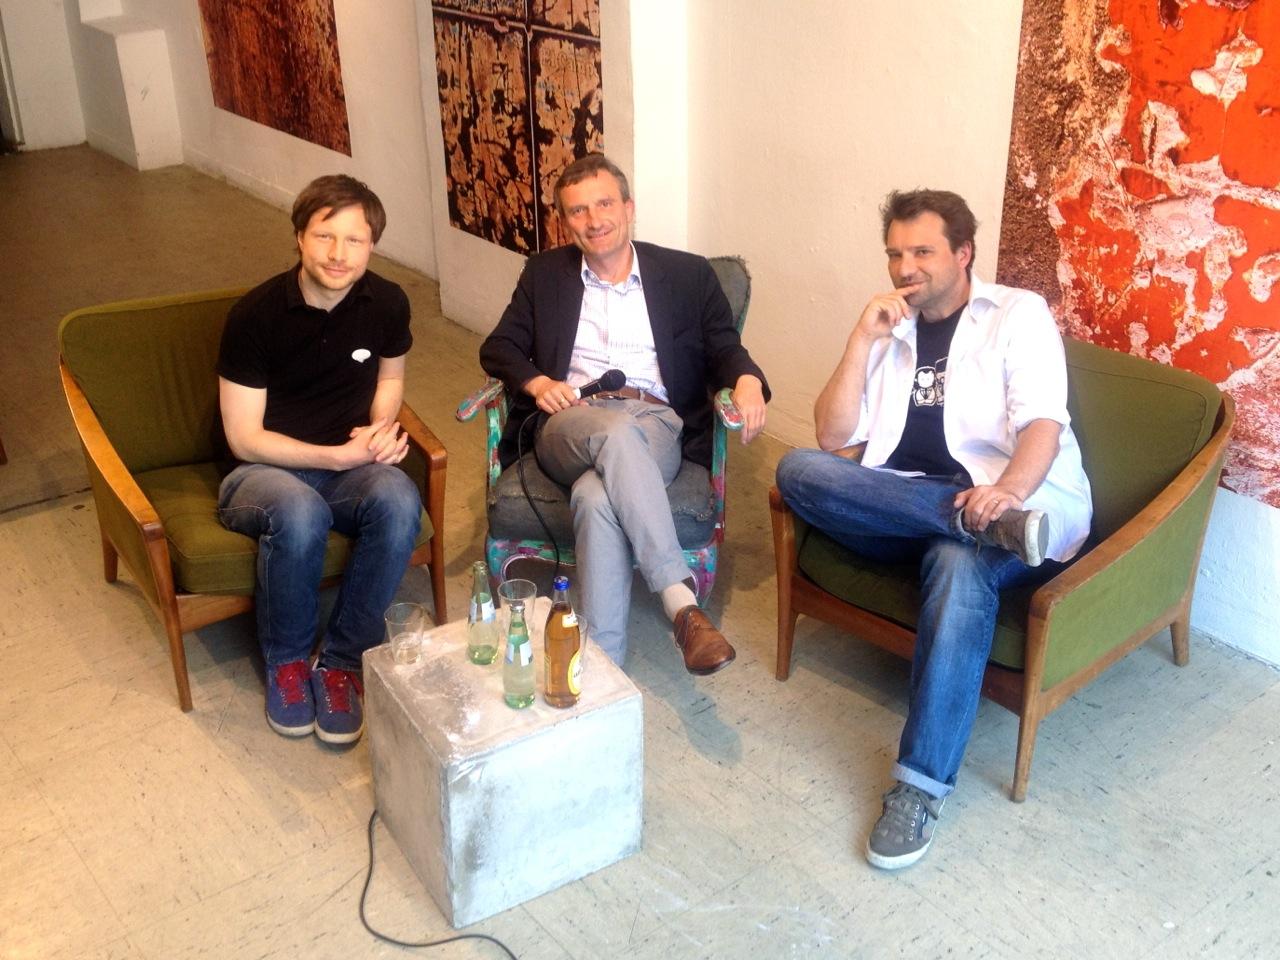 Auf ein Wort, Herr Geisel. Interview mit dem OB Kandidaten über Kulturpolitik